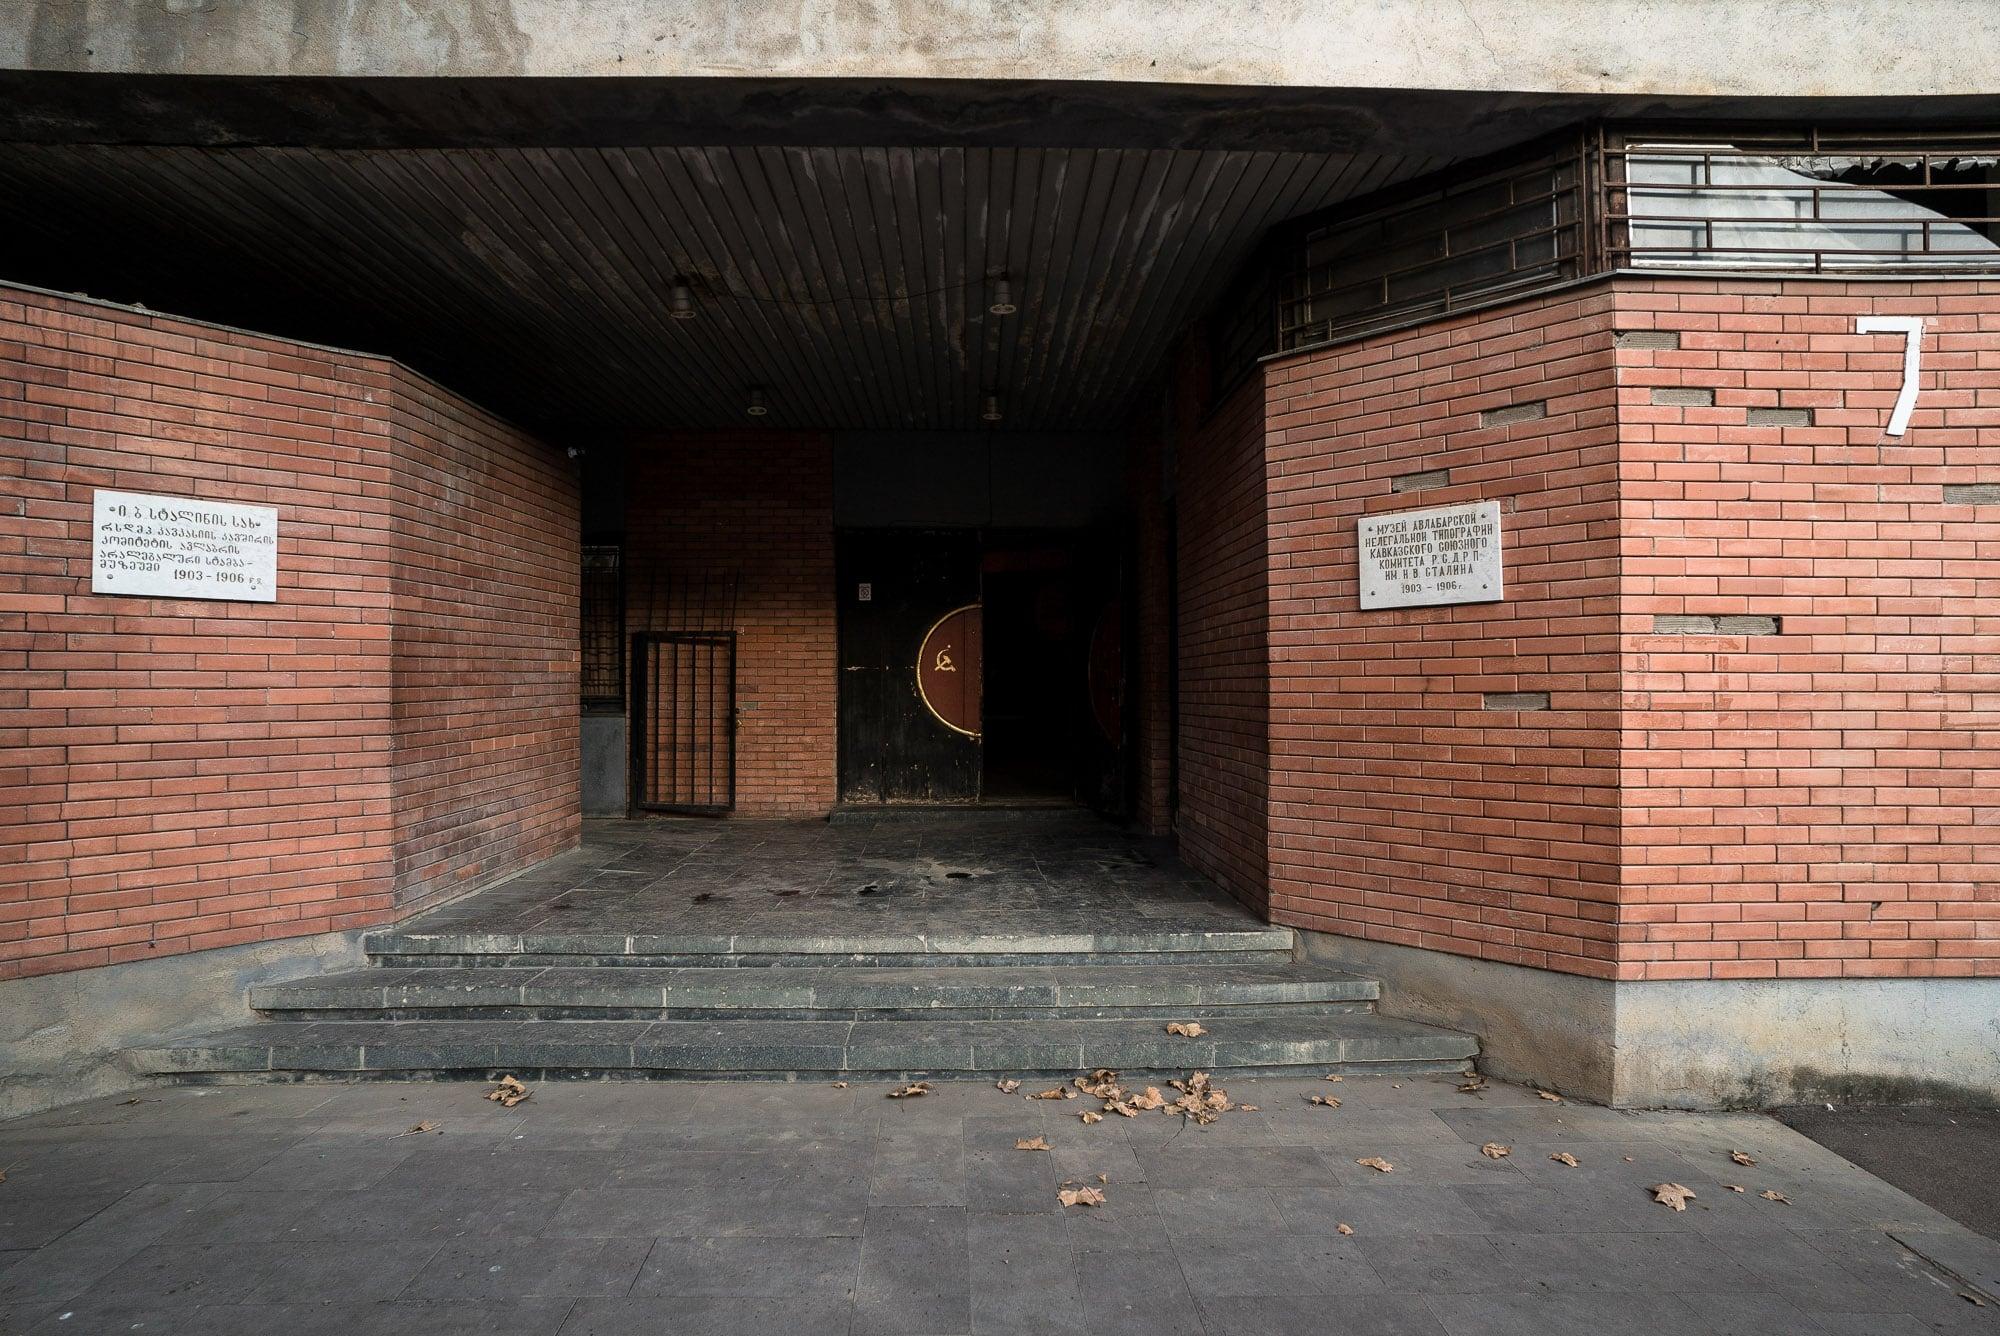 Joseph Stalin Underground Printing Press Museum